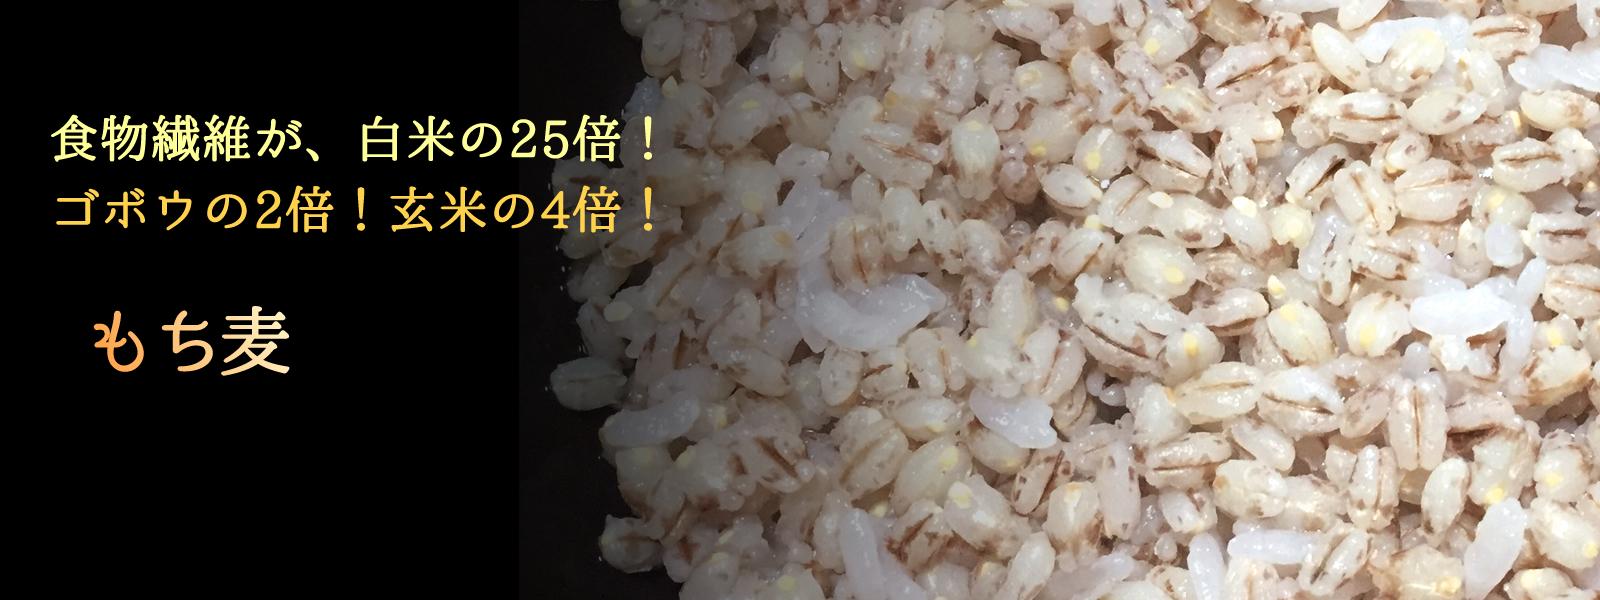 食物繊維が、白米の25倍!ゴボウの2倍!玄米の4倍! もち麦